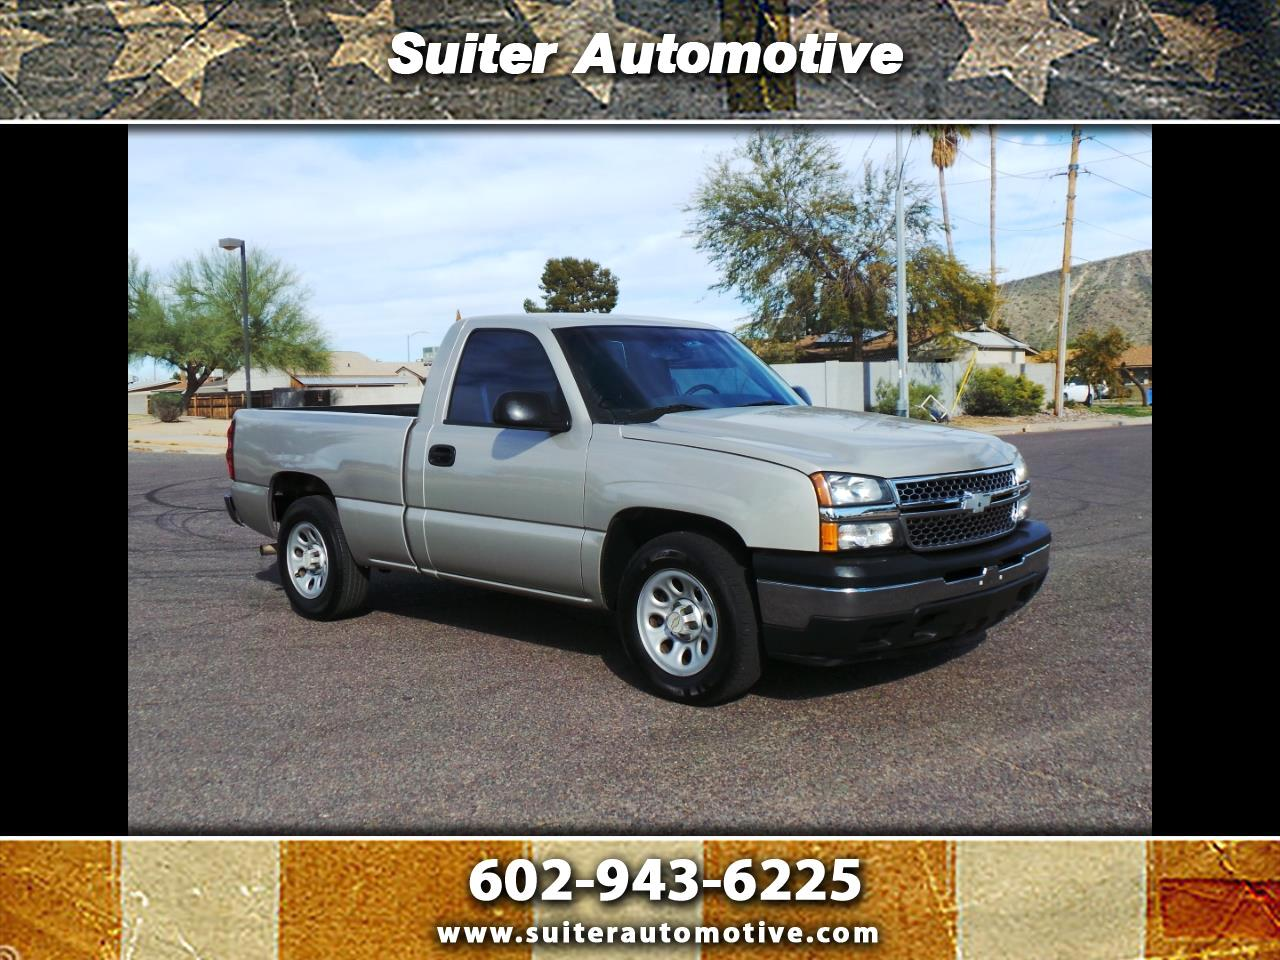 2007 Chevrolet Silverado Classic 1500 Work Truck 2WD